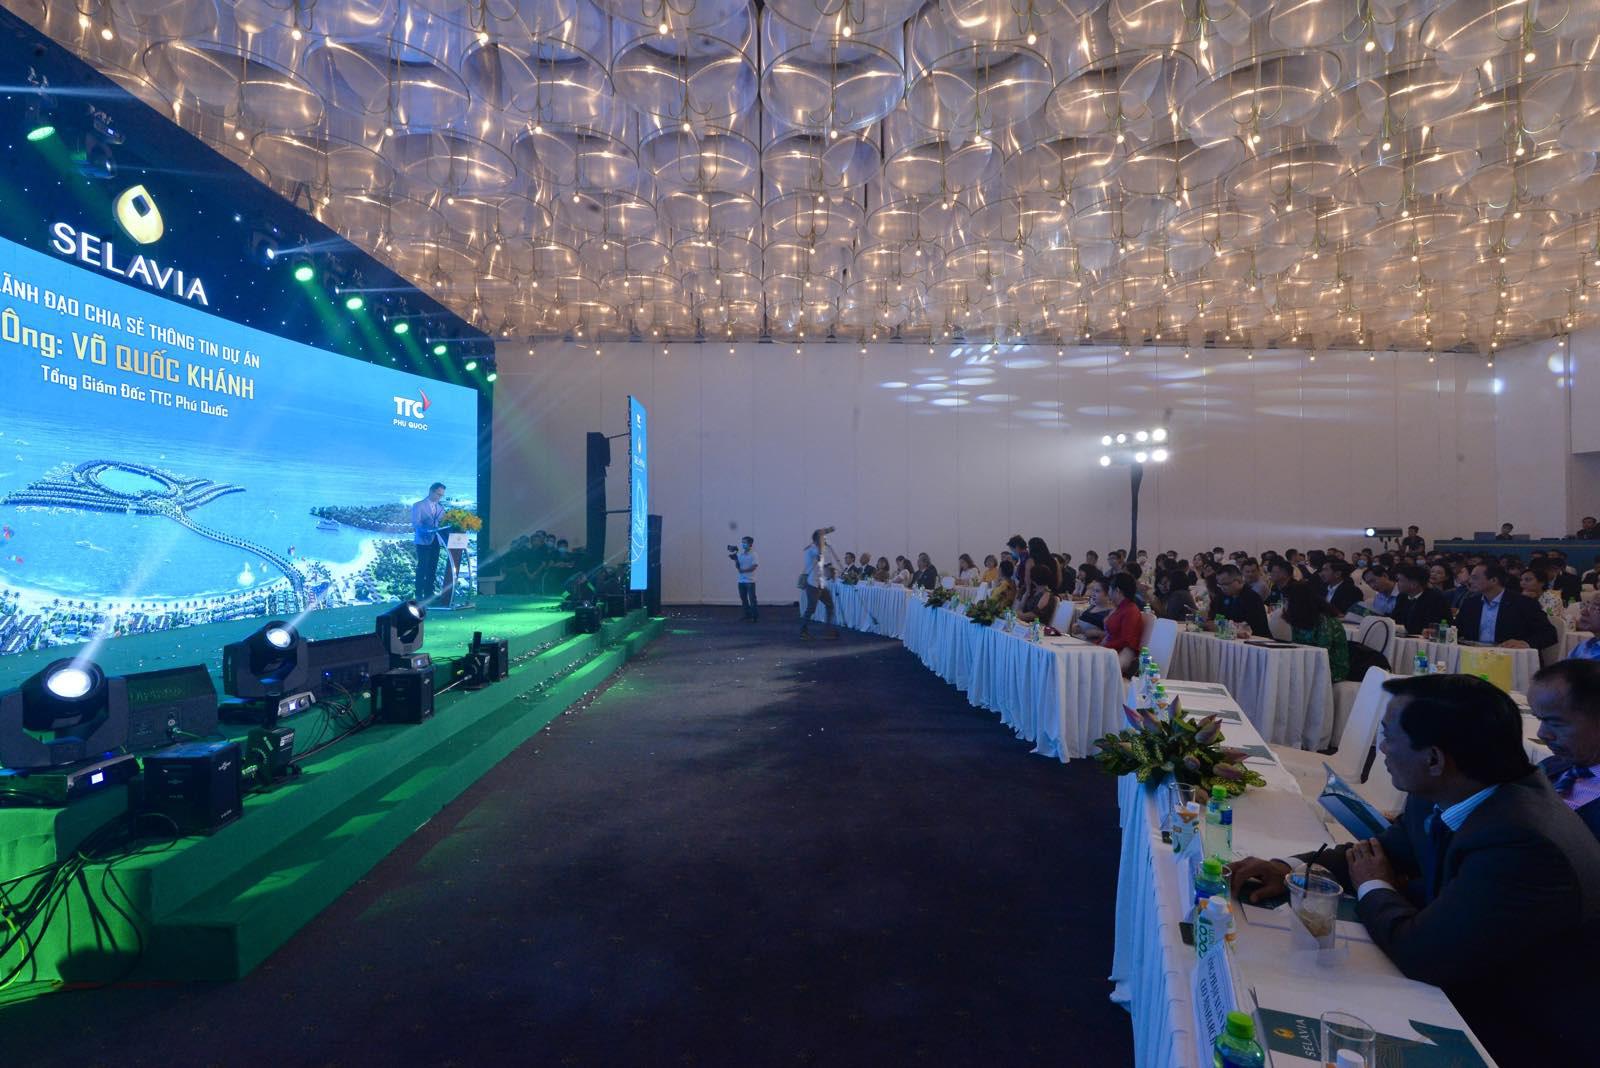 Lễ công bố và ra quân dự án Selavia Phú Quốc  - Ảnh 4.